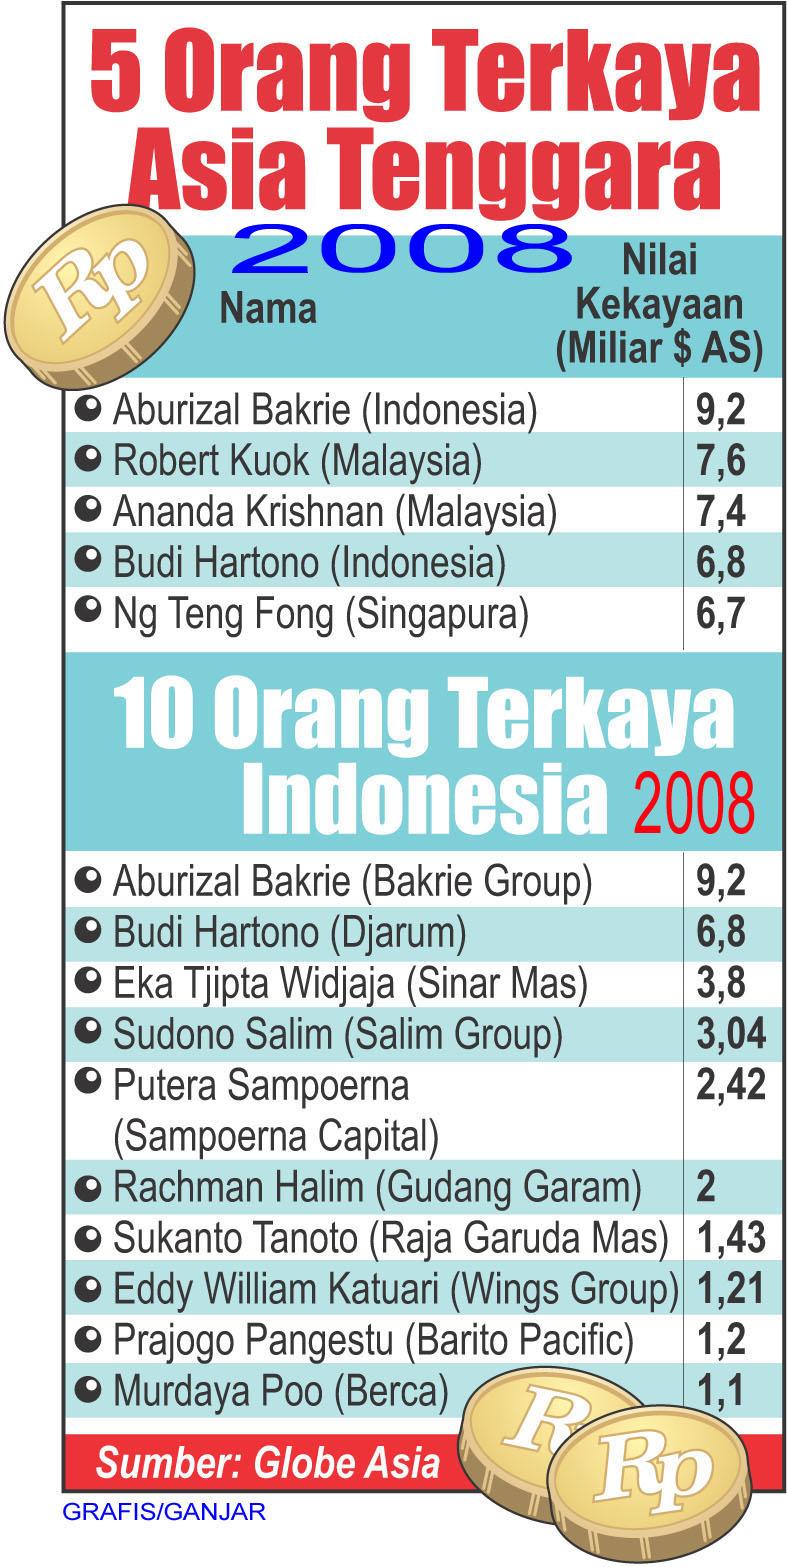 ... orang kaya baru (OKB) di Indonesia masuk dalam daftar 150 orang